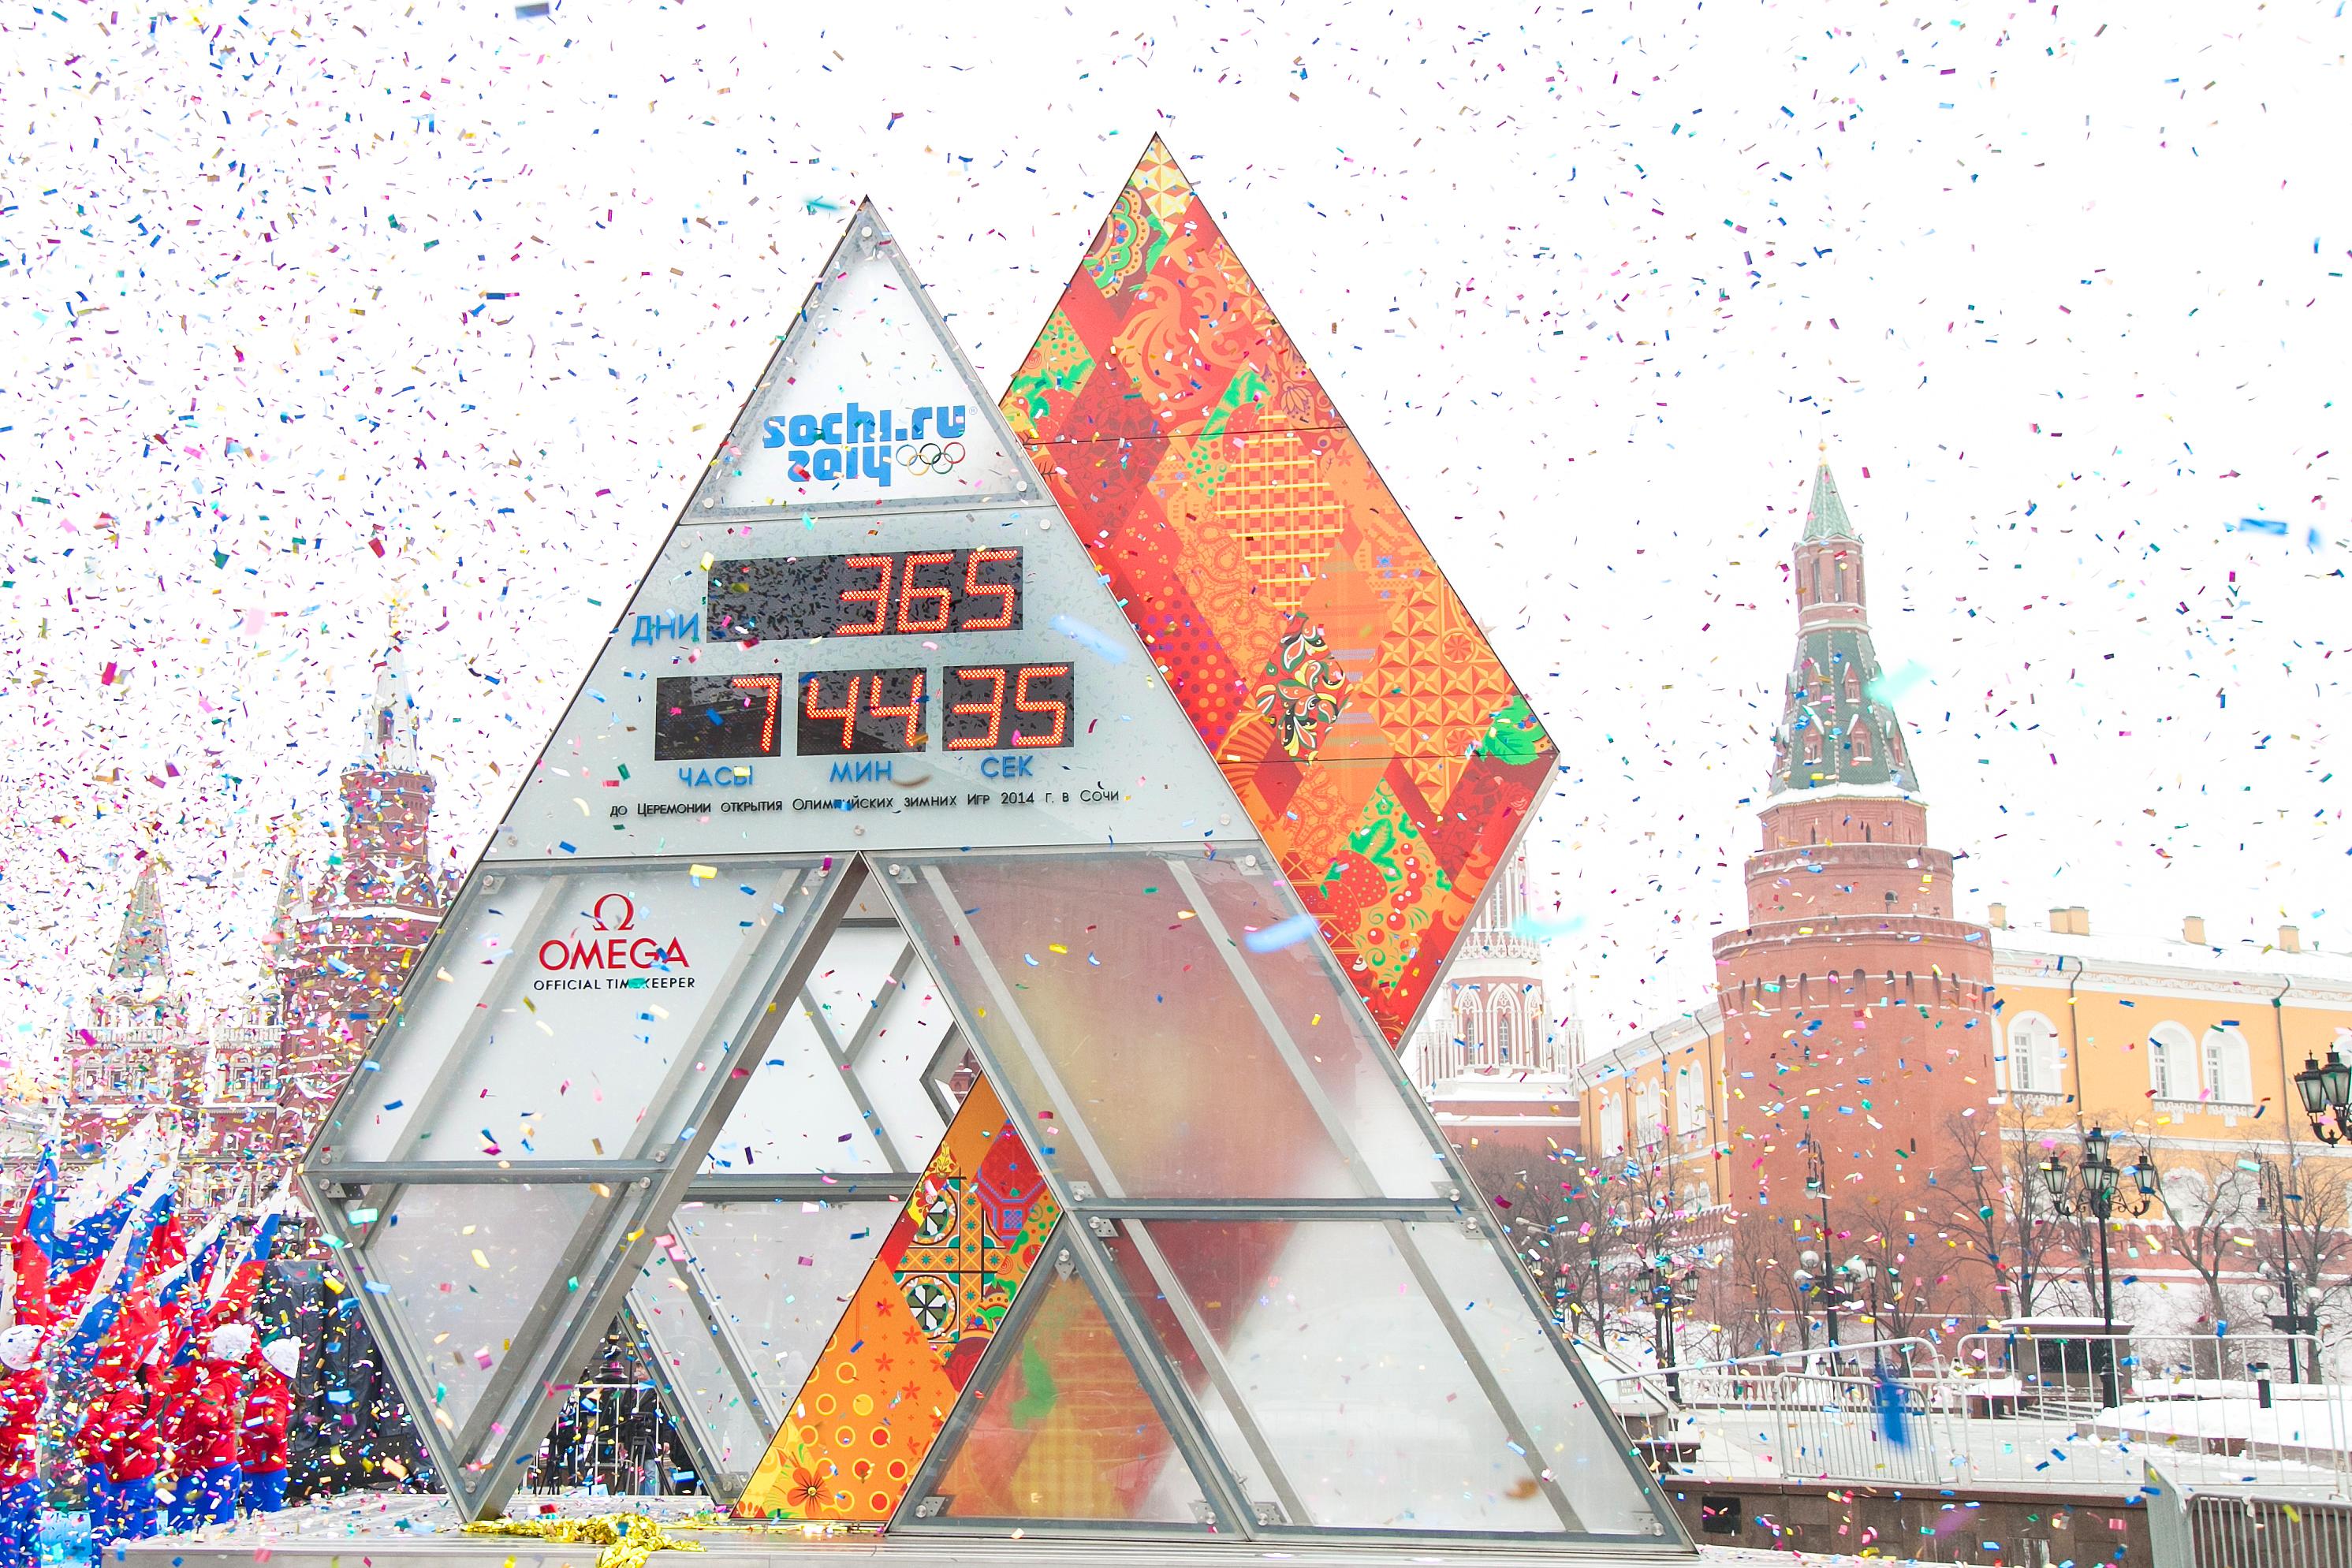 Moscow_%D0%9C%D0%BE%D1%81%D0%BA%D0%B2%D0